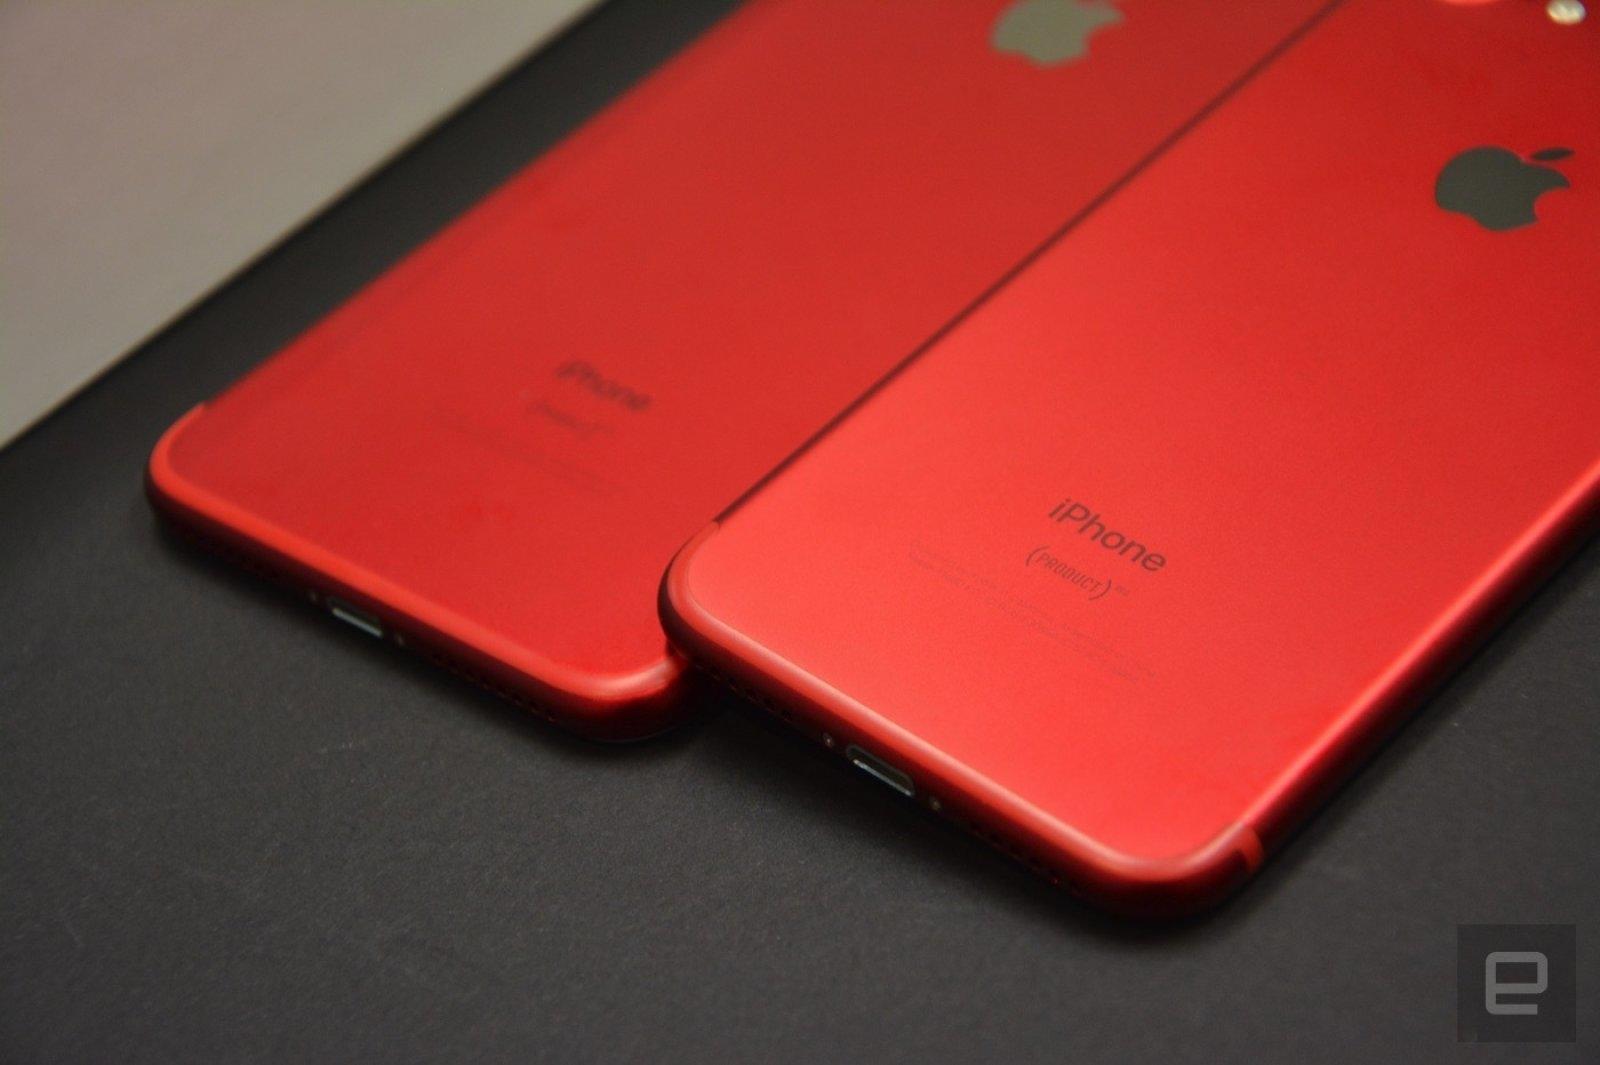 iphone 8 erscheint in rot engadget deutschland. Black Bedroom Furniture Sets. Home Design Ideas